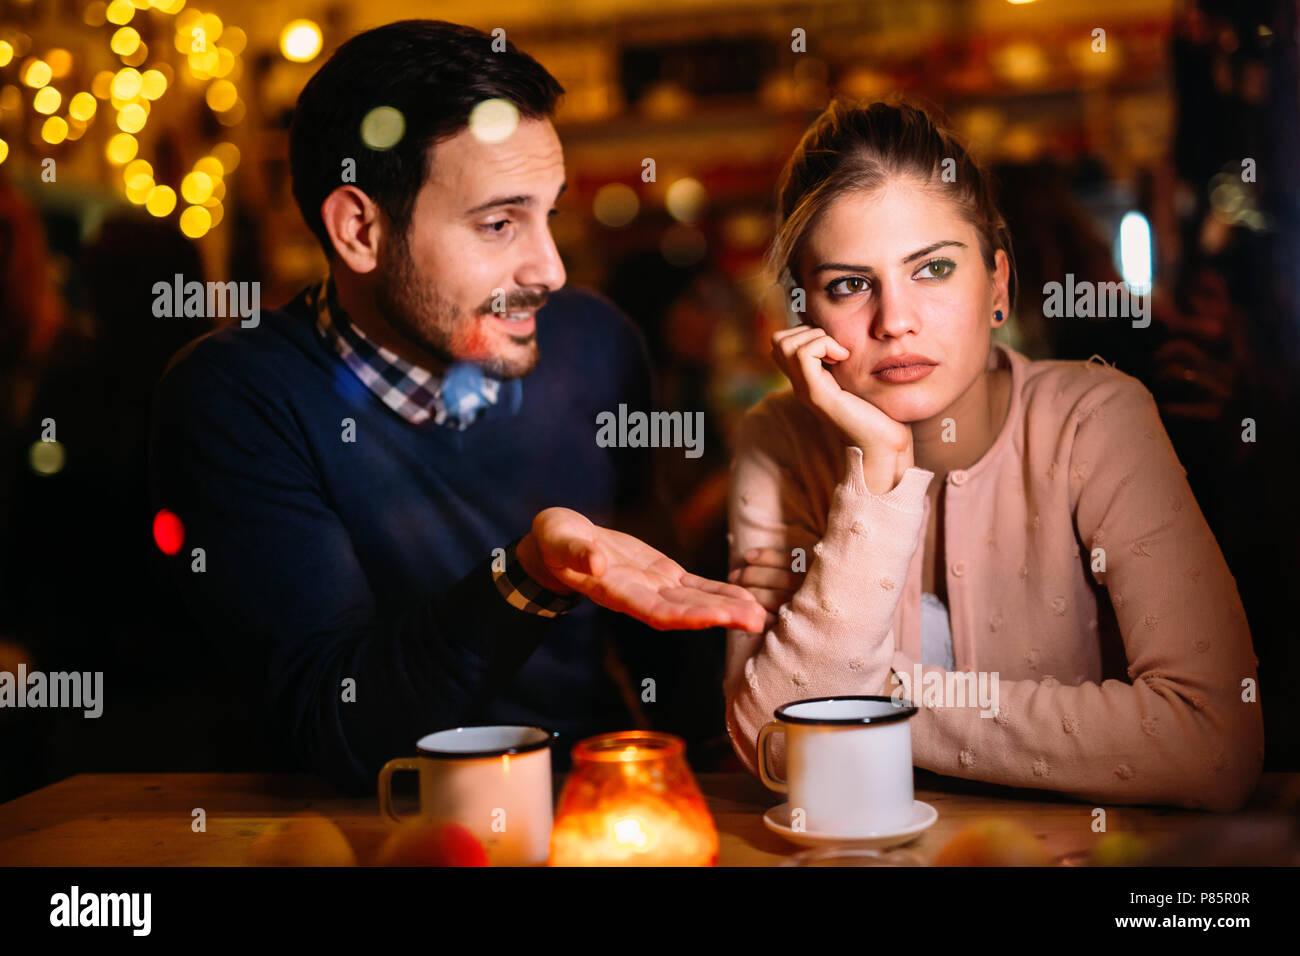 Triste par tener conflictos y problemas de relación Imagen De Stock